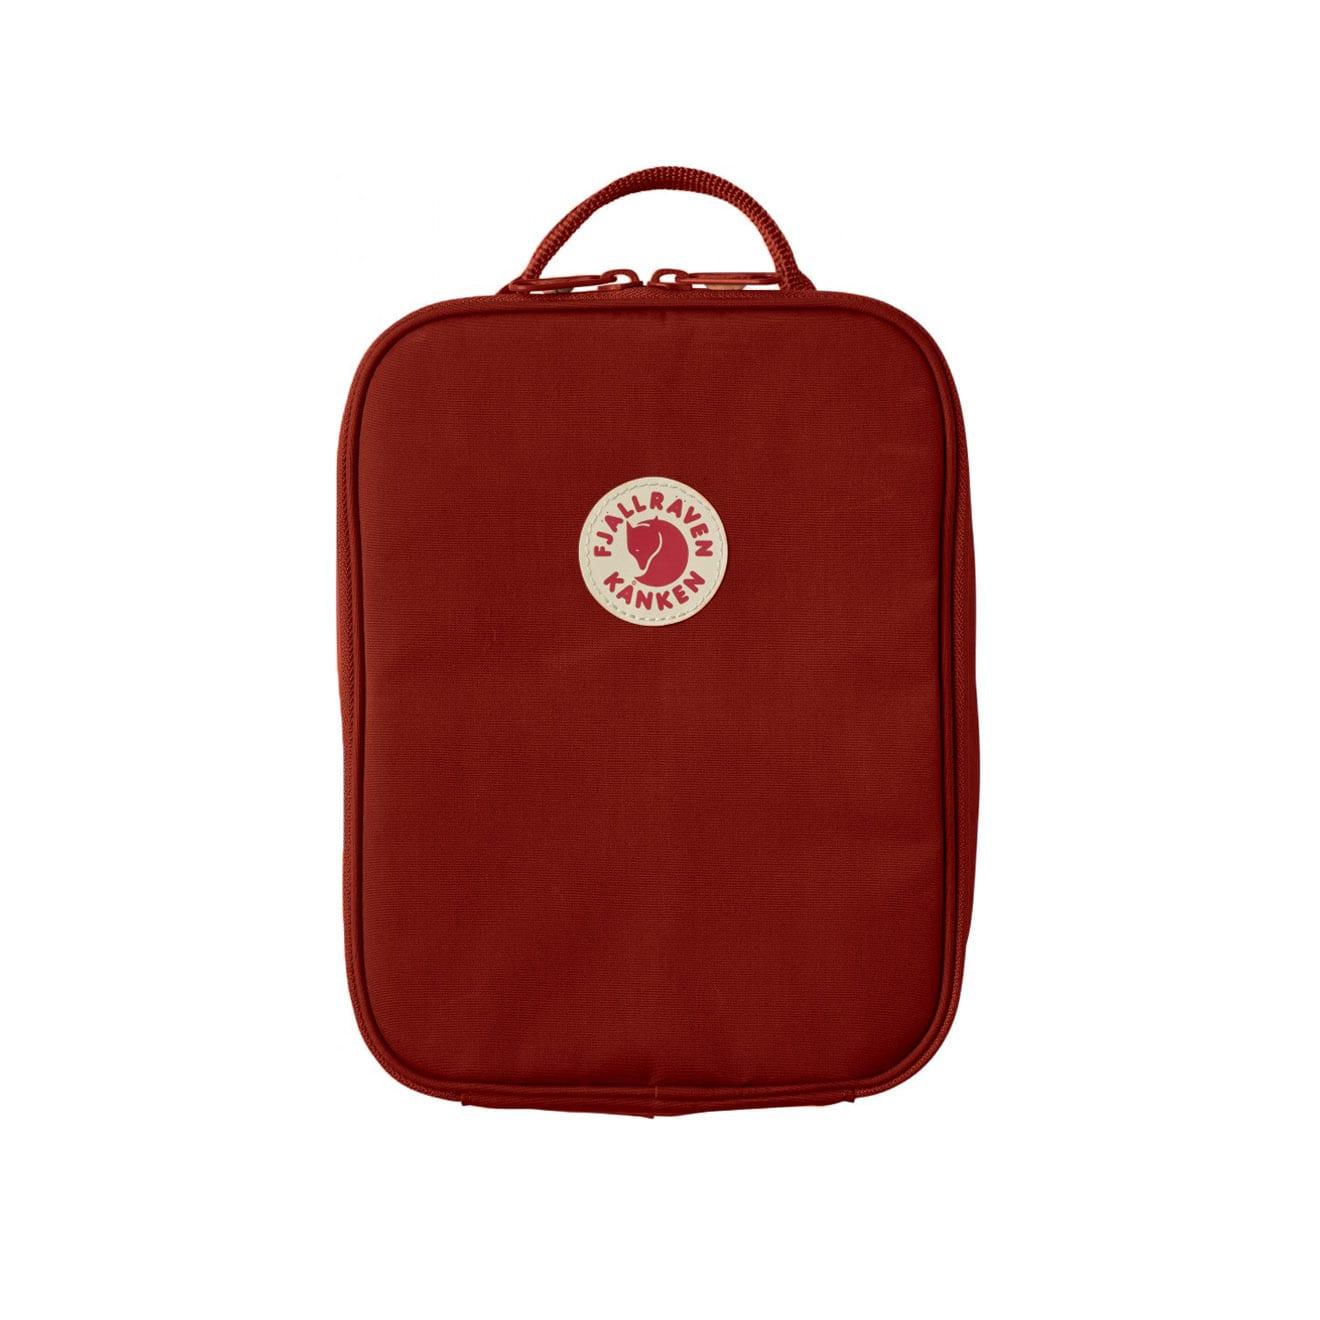 Fjallraven Kanken Cooler Lunch Bag Ox Red